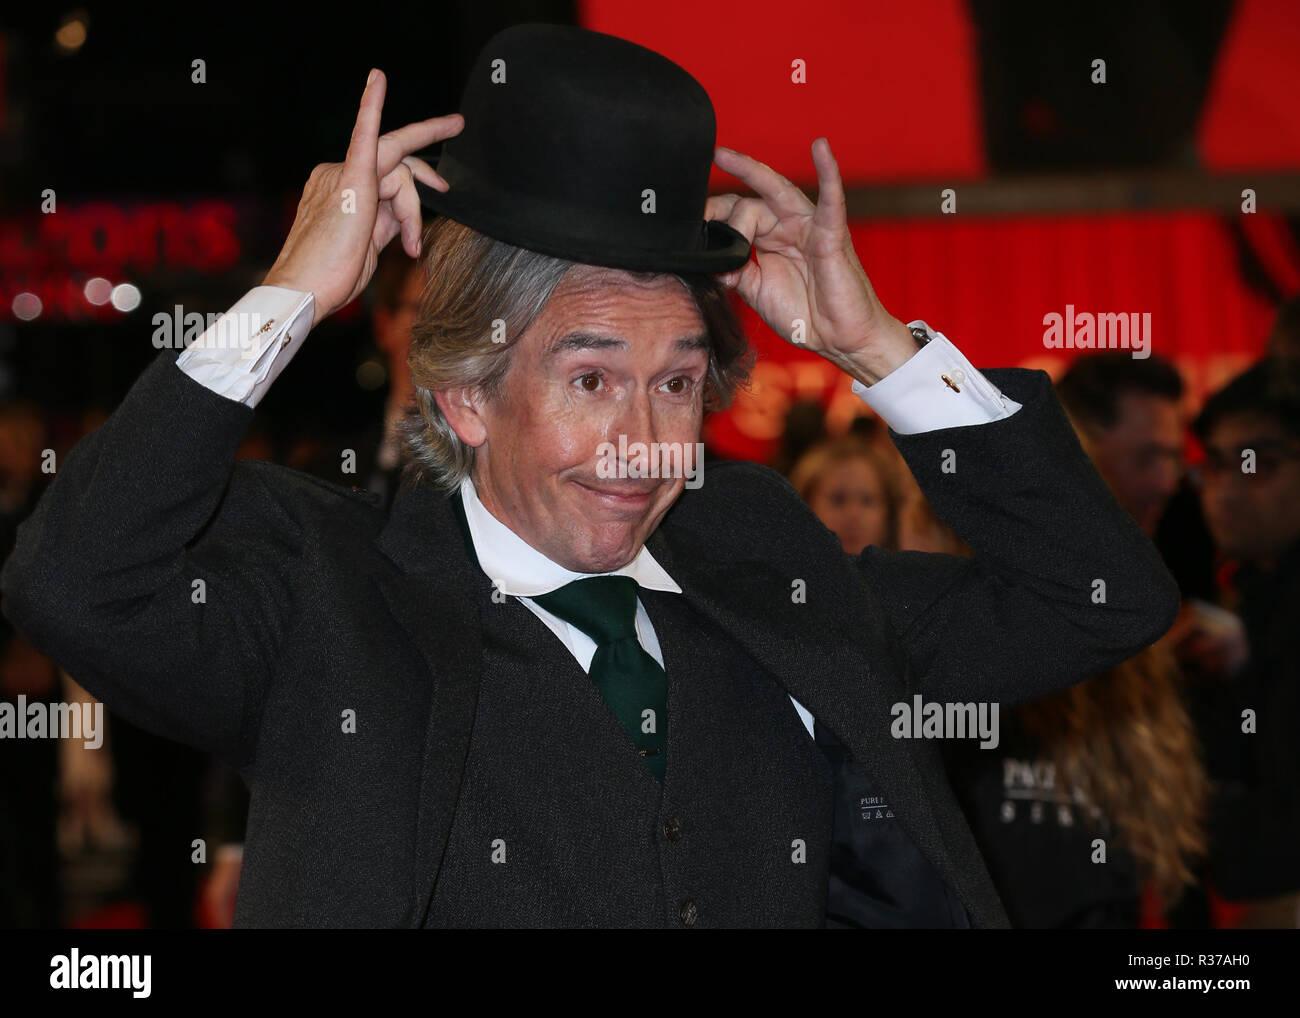 La 62e BFI London Film Festival World Premiere de 'Stan & Ollie' tenue à l'Cineworld Leicester Square - Arrivées avec: Steve Coogan Où: London, Royaume-Uni Quand: 21 Oct 2018 Crédit: Mario Mitsis/WENN.com Photo Stock